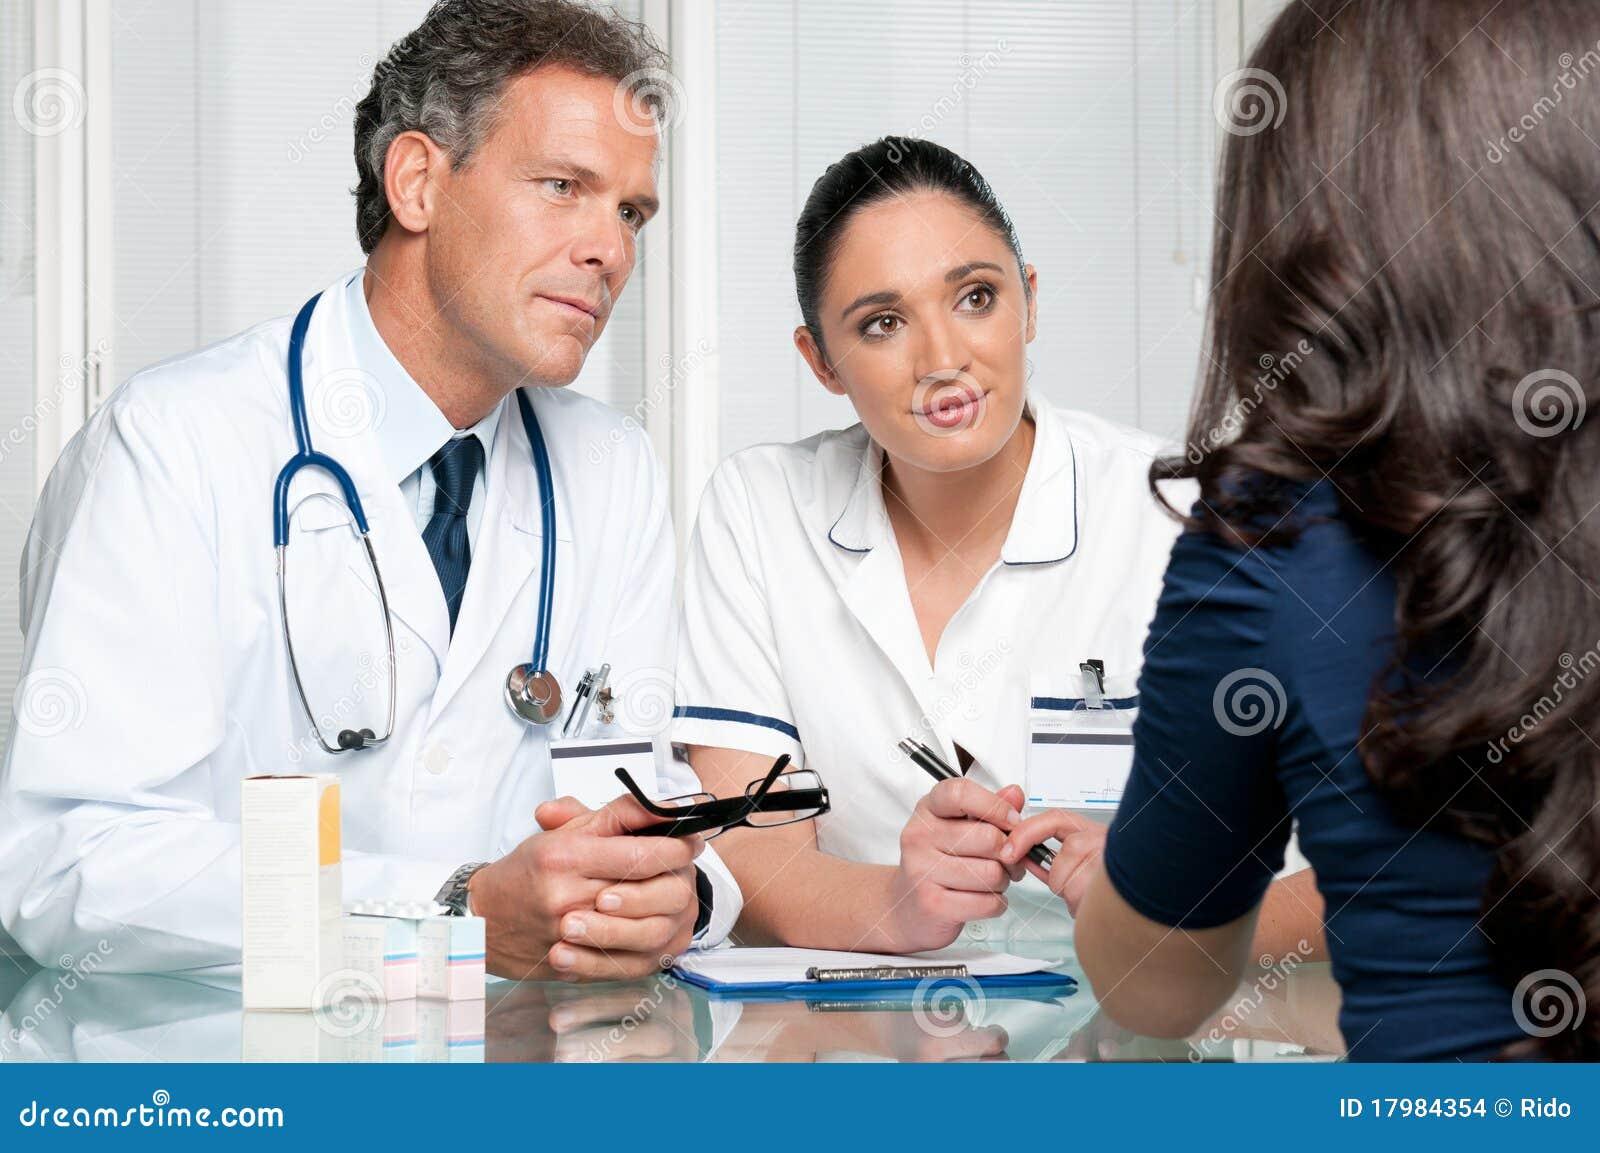 Discussão médica no hospital com paciente